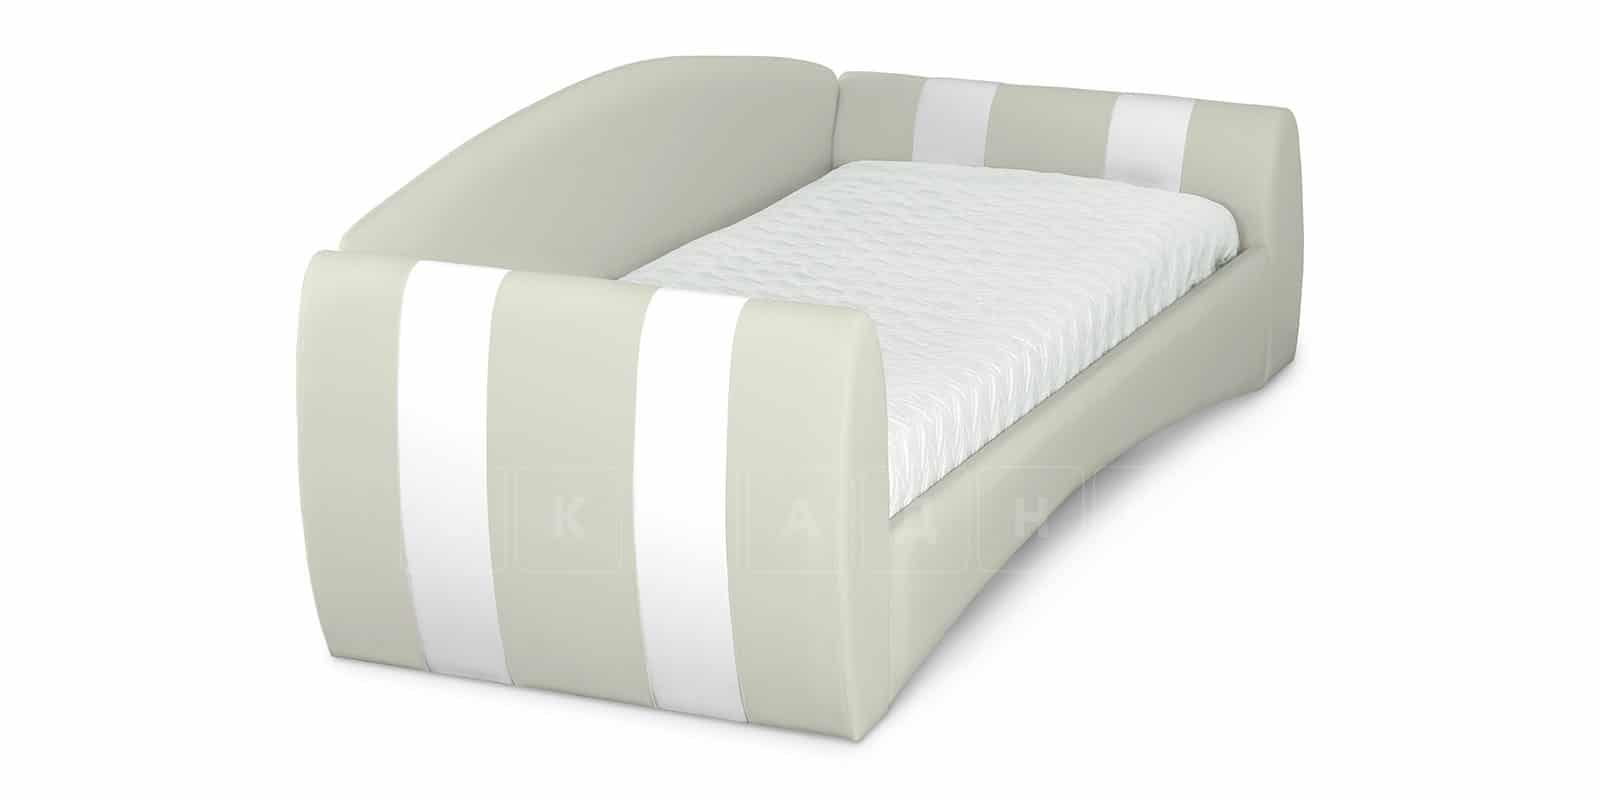 Мягкая кровать Монако 90х190см молочного цвета левая фото 4 | интернет-магазин Складно